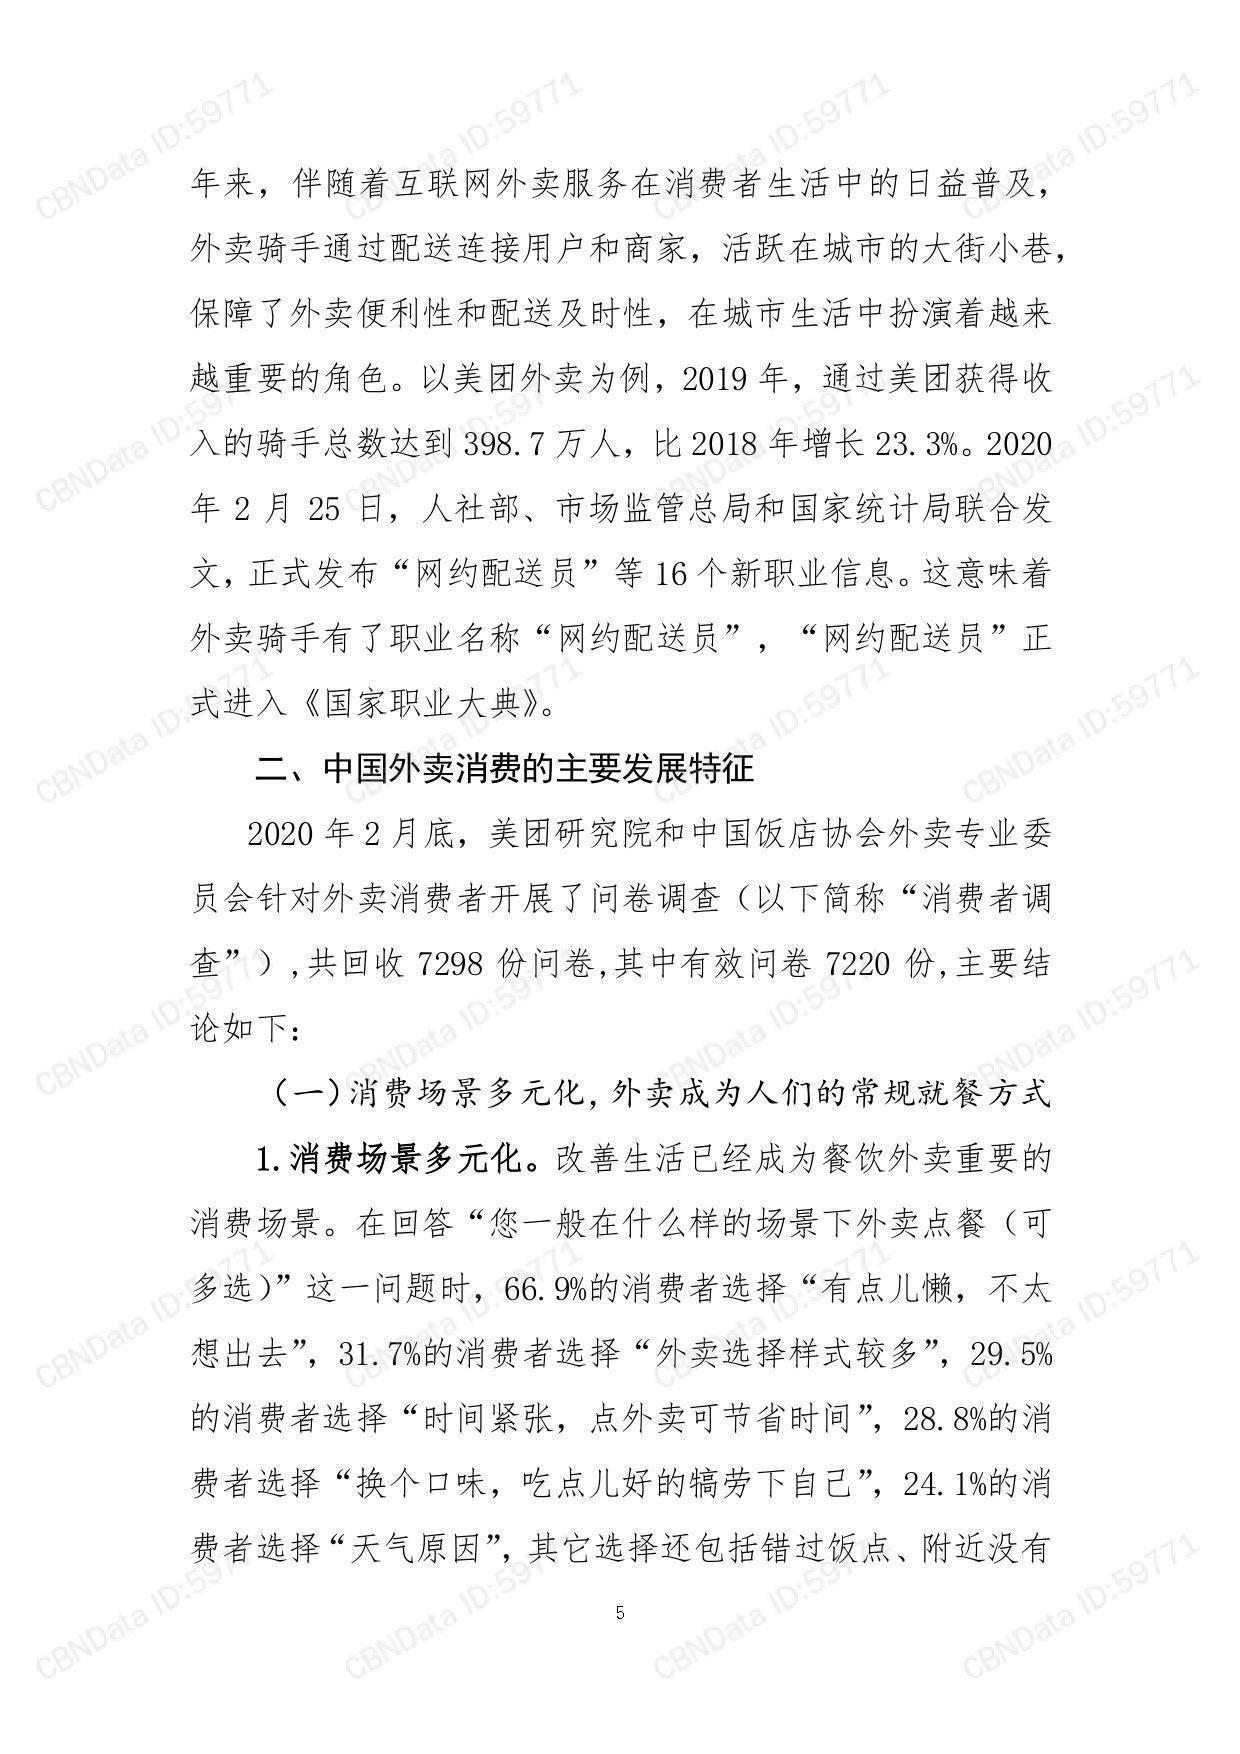 美团研究院:2019年及2020年上半年中国外卖产业发展报告